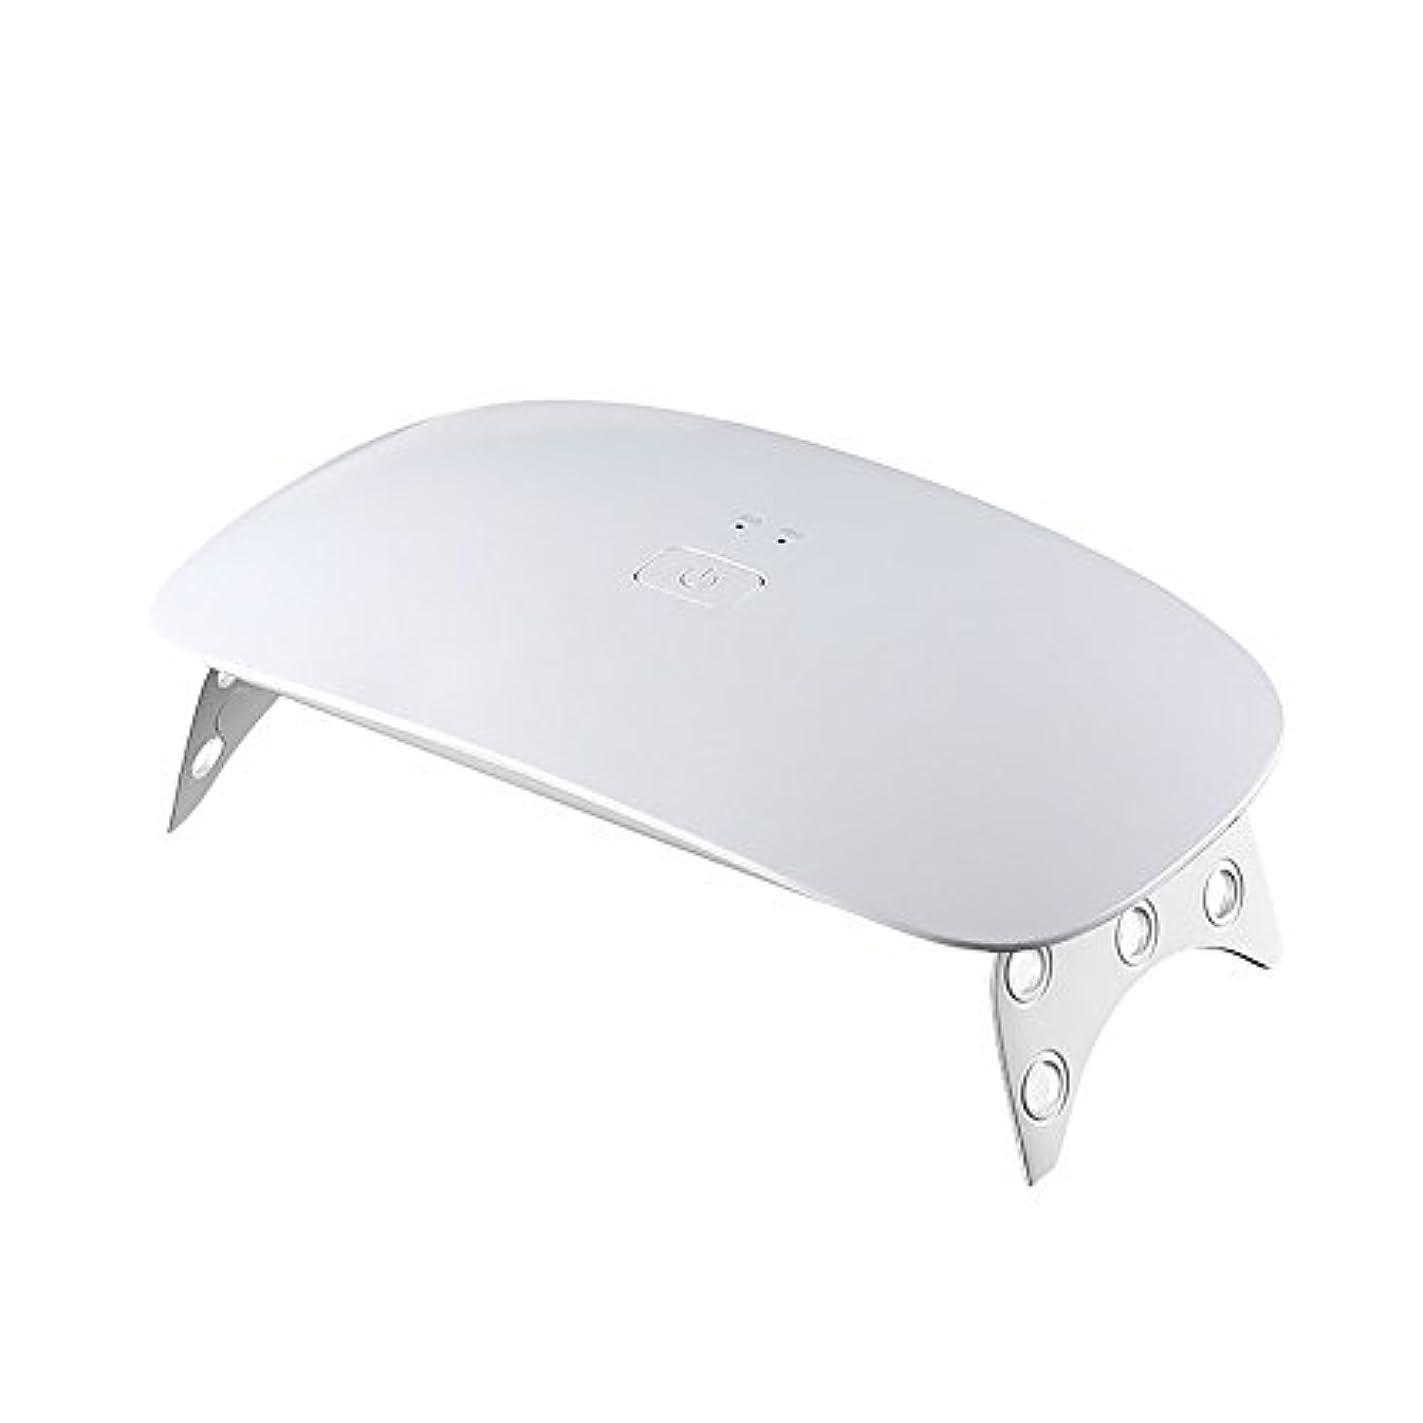 詩器官プロフィールOurine ジェルネイルライト LEDネイルドライヤー UVライト ネイルライト 手足両用 速乾 タイマー設定可能 時間設定 180度照射 折りたたみ 携帯便利